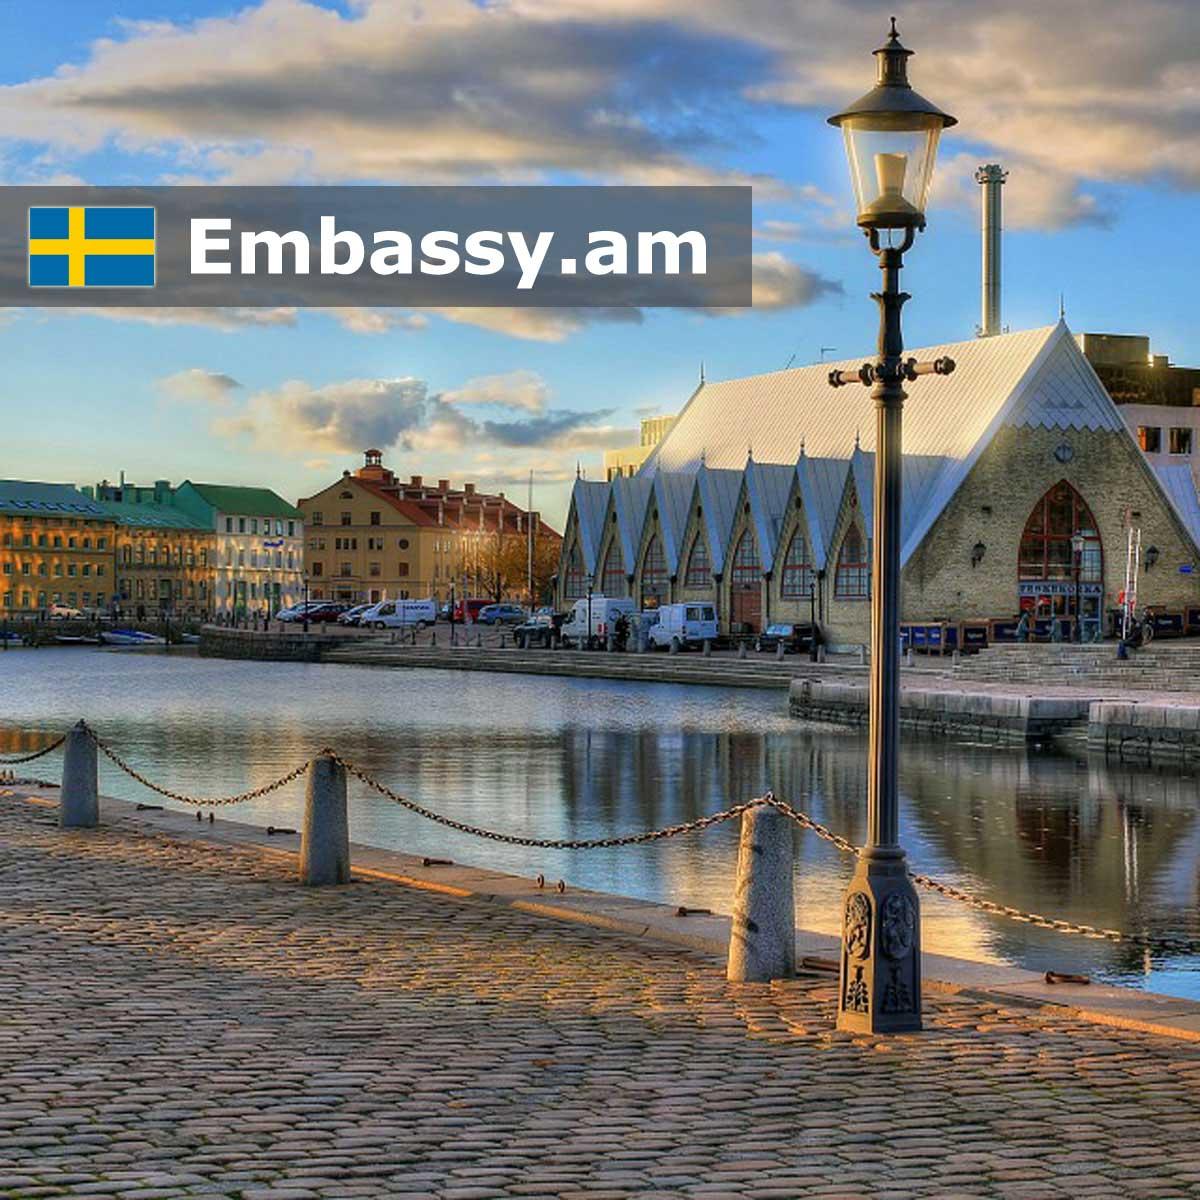 Гётеборг - Отели в Швеции - Embassy.am